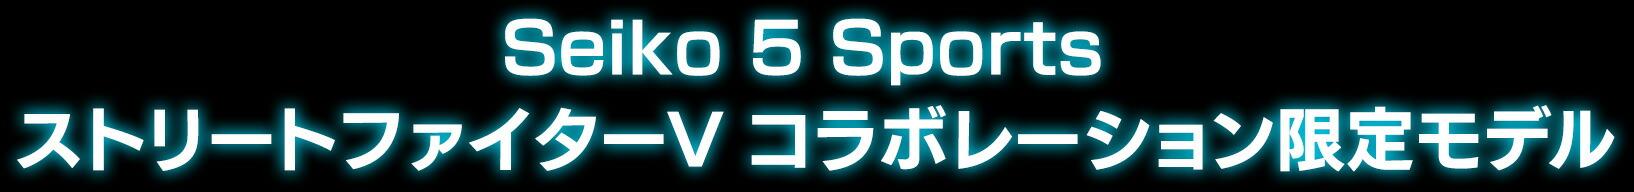 セイコー5スポーツ ストリートファイターV コラボレーション限定モデル